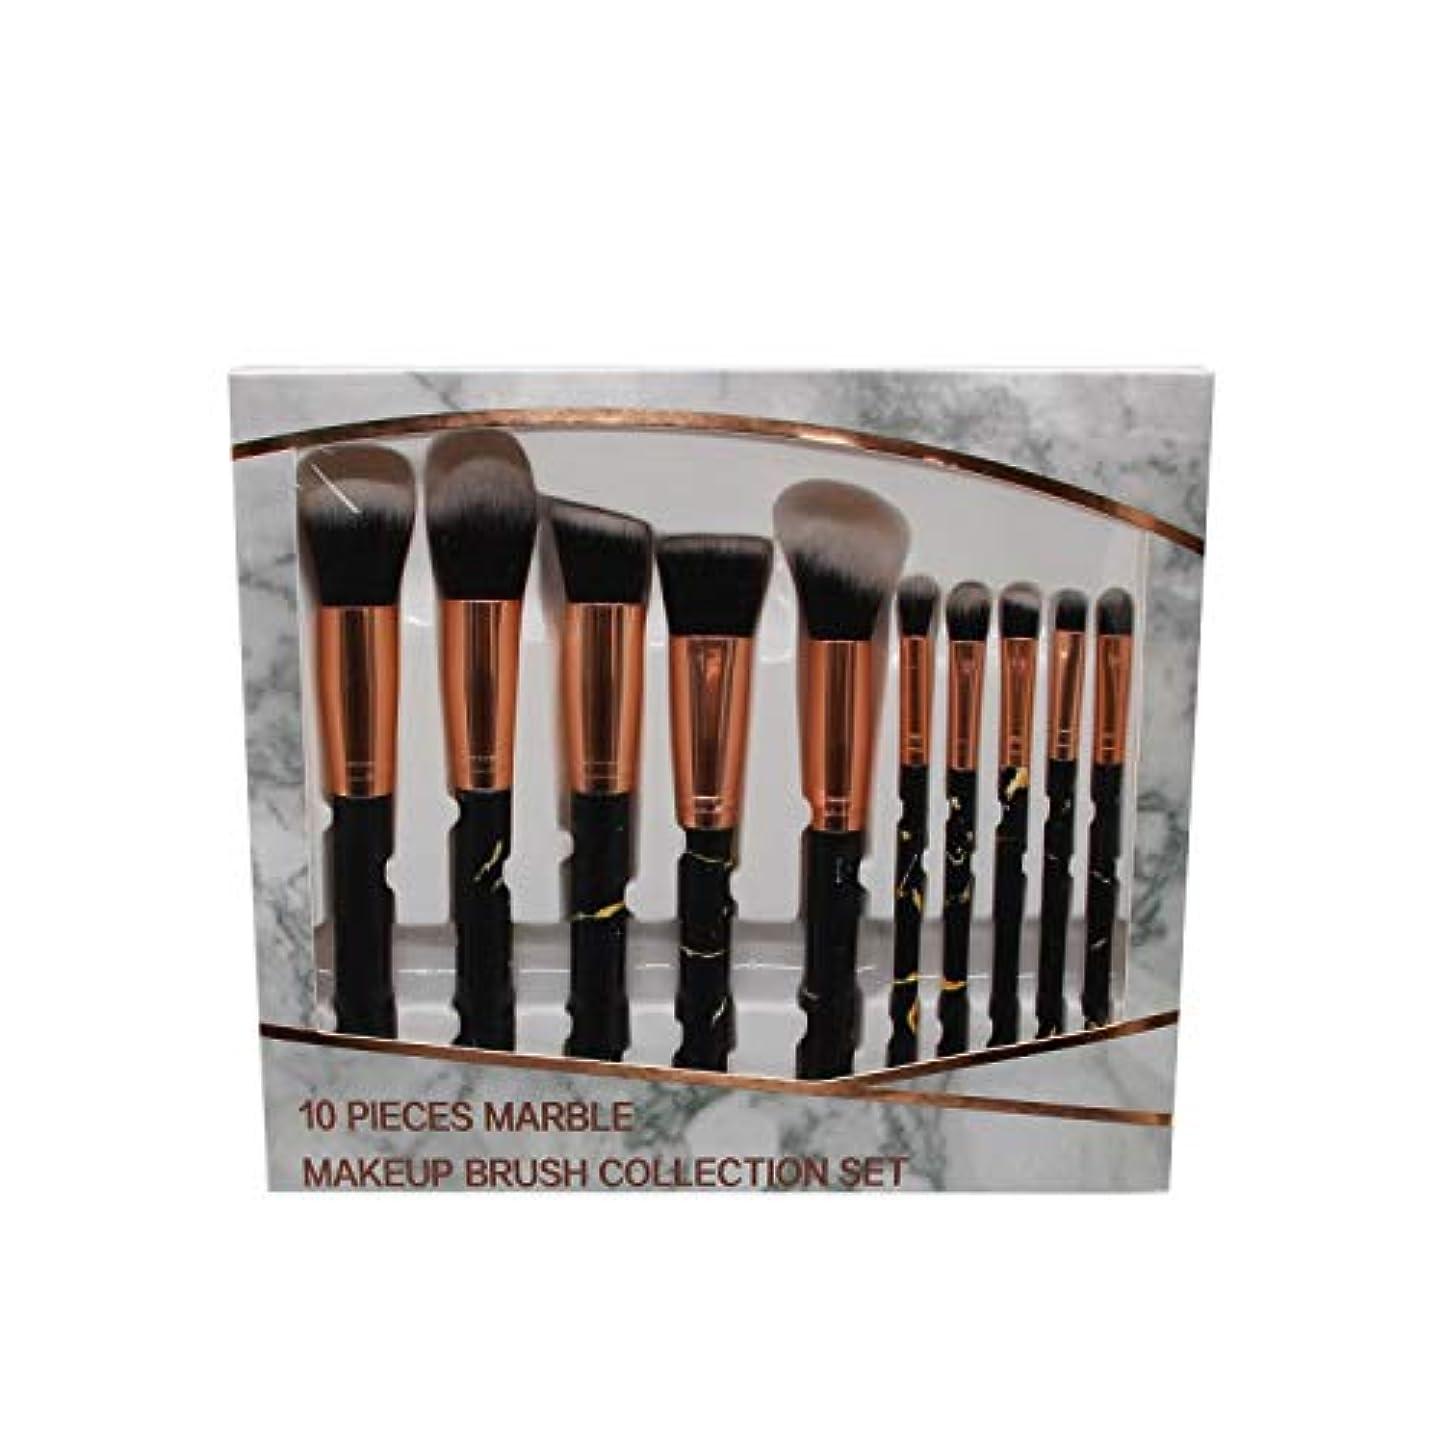 オーバーコートビデオエゴマニアMakeup brushes 洗練された合成ファンデーションコンシーラーアイシャドウフェイシャルメイクアップブラシセット(10個)、マーブルメイクアップブラシセット suits (Color : Pink)